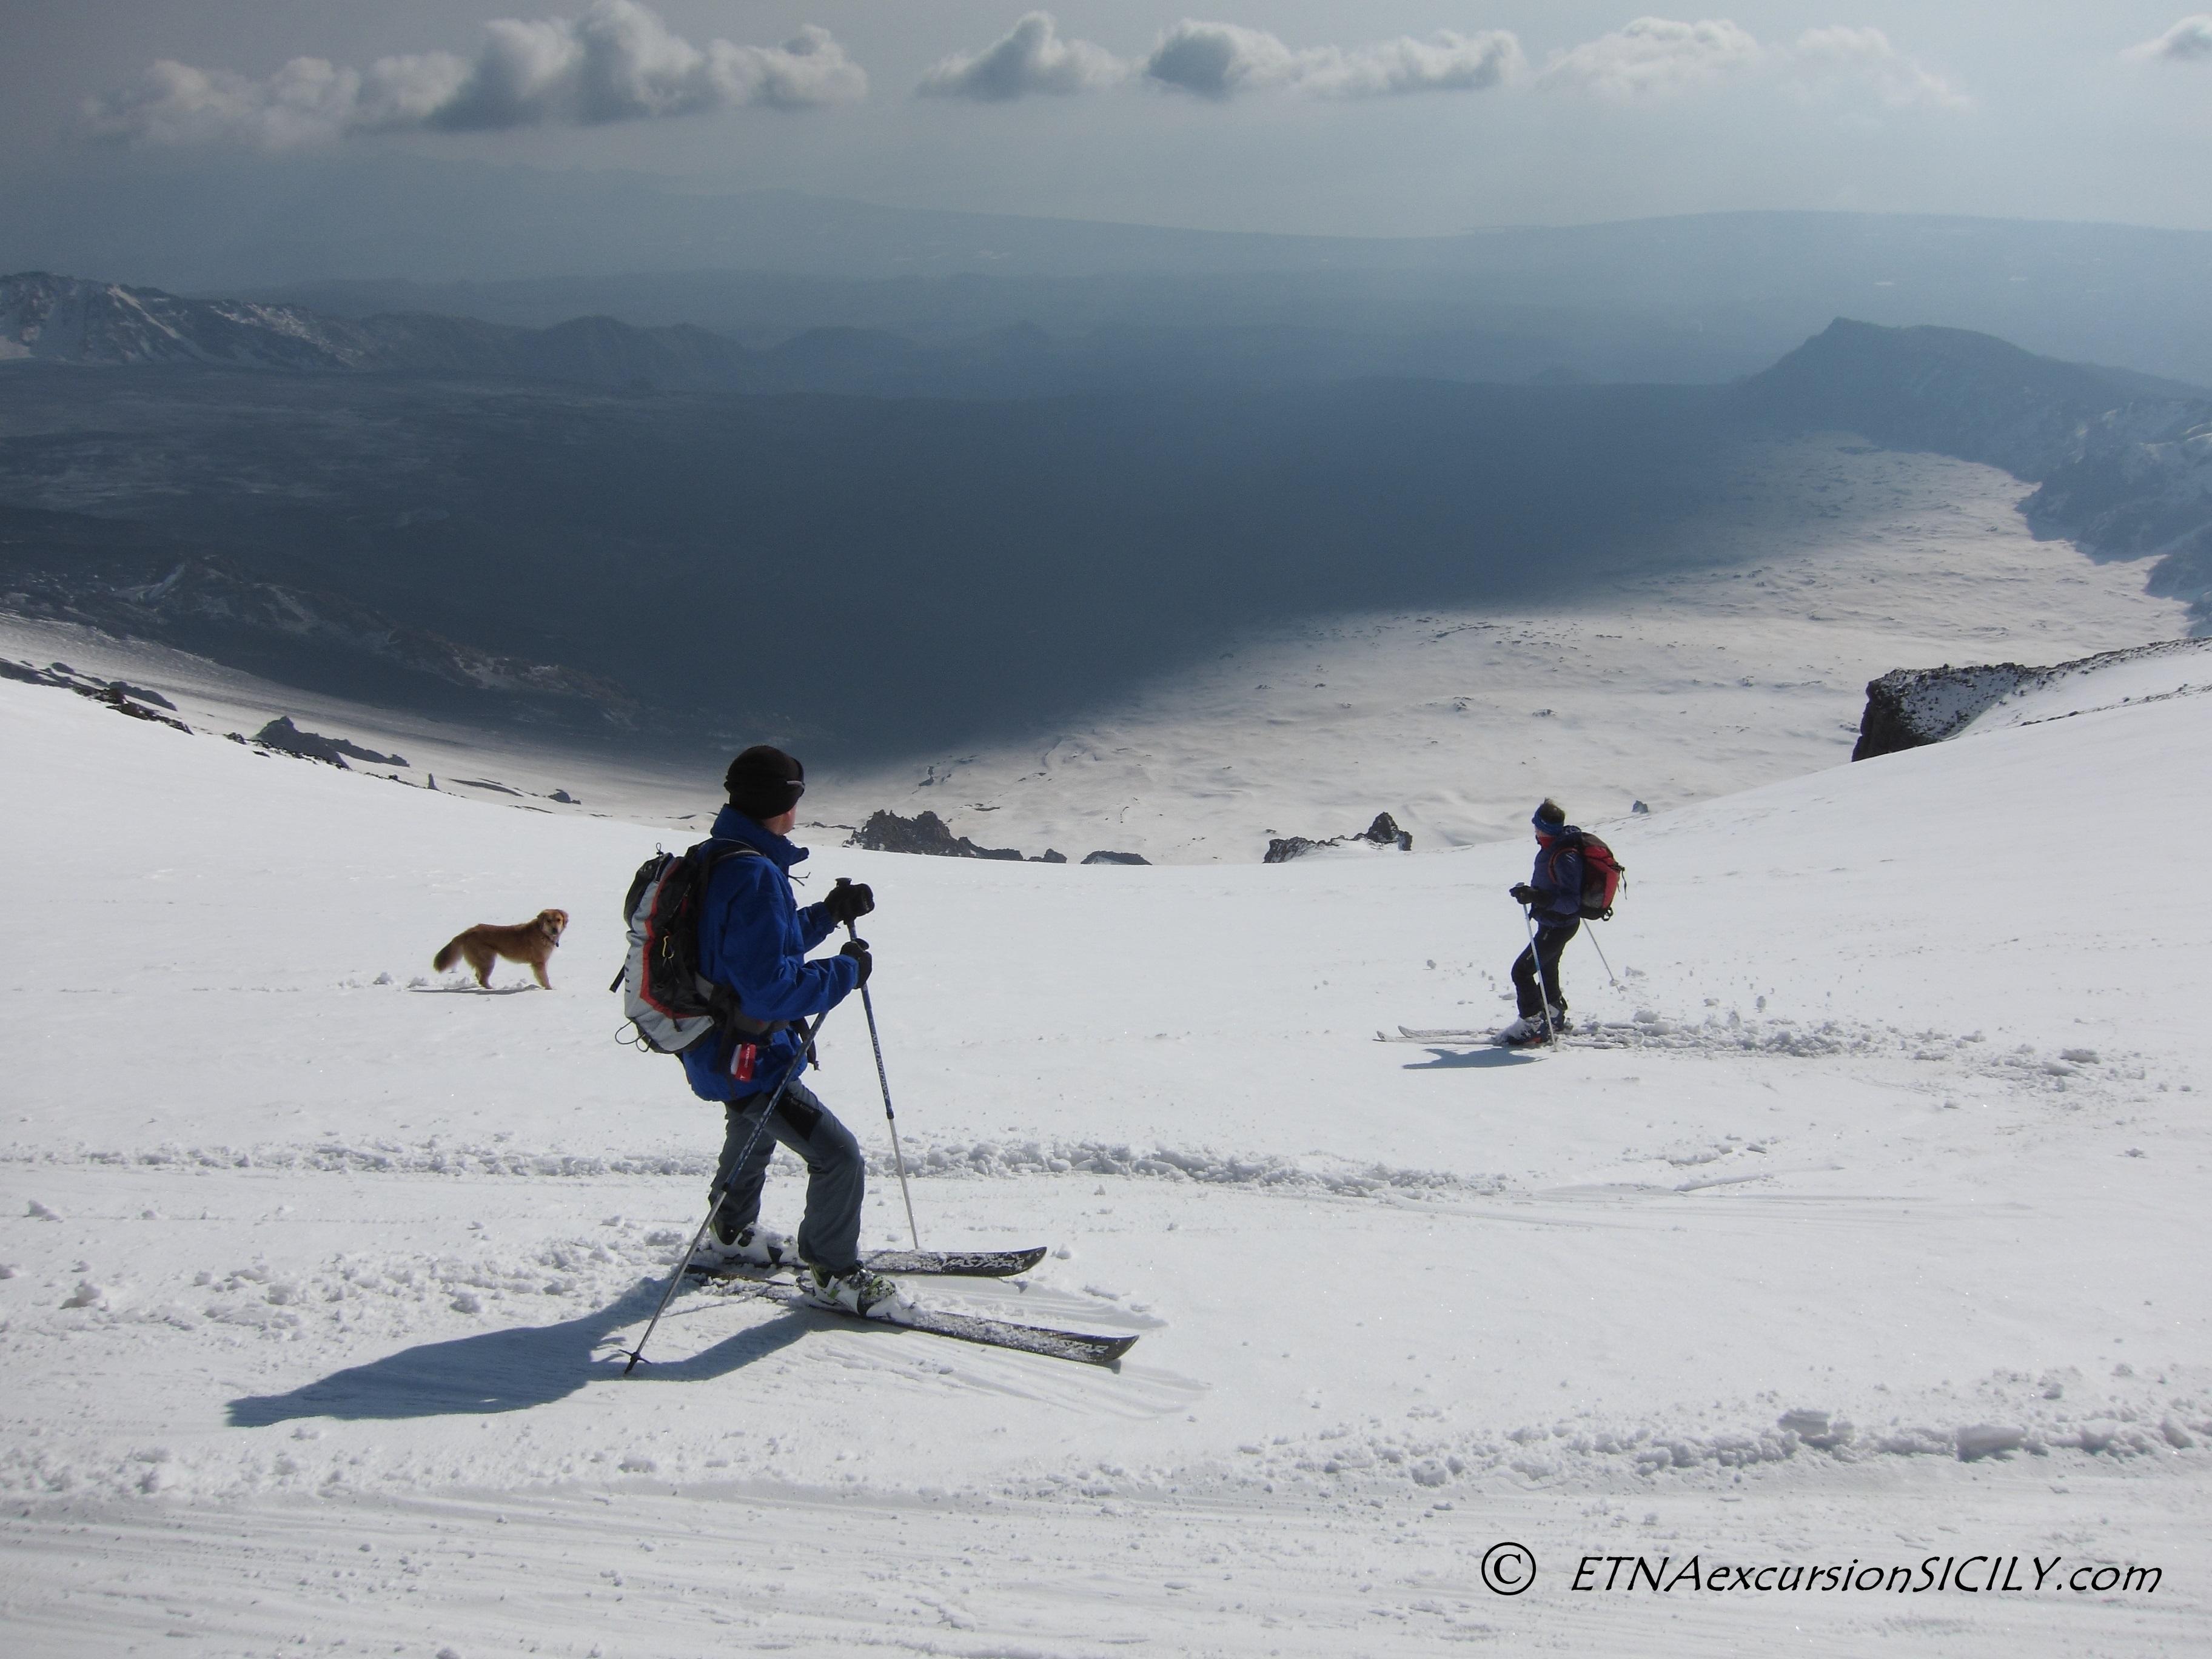 Sci alpinismo sull'Etna - Valle del Bove